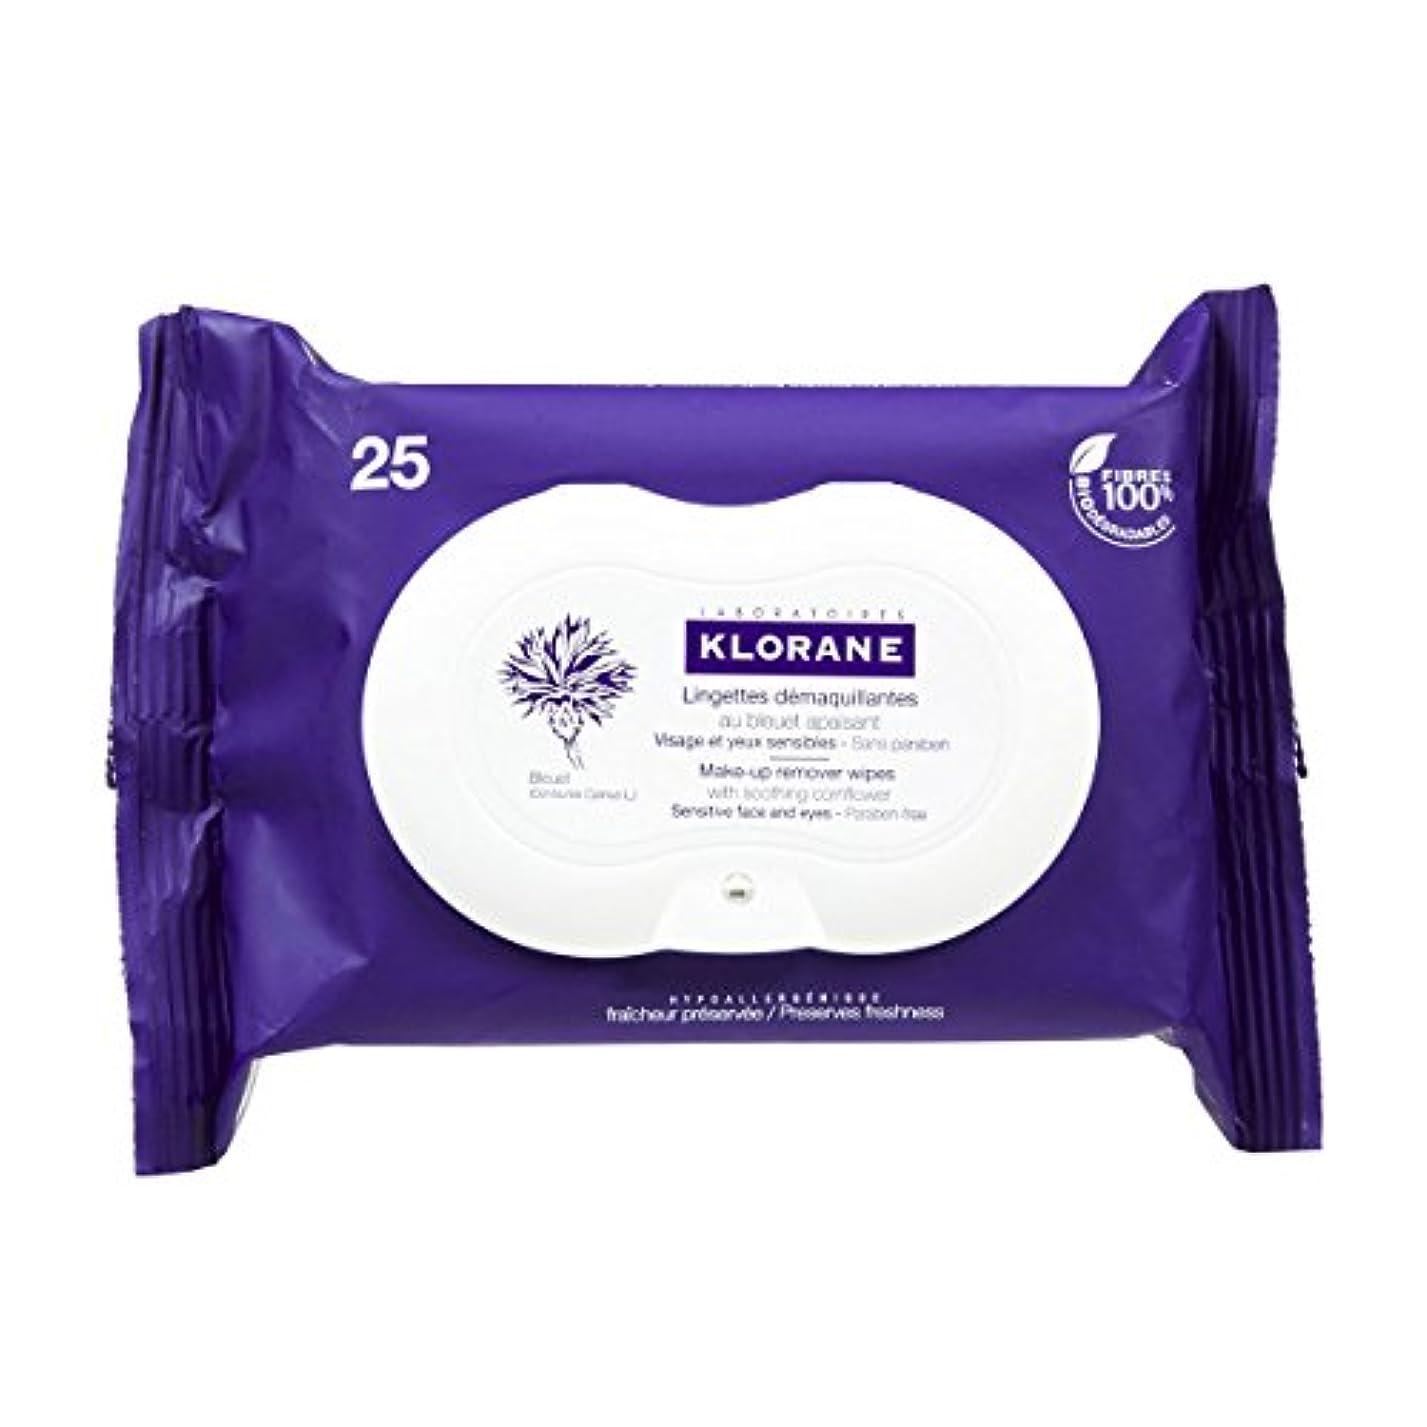 環境保護主義者ペルメル集めるKlorane Floral Wipes Cleansers Eyes 25 Wipes [並行輸入品]